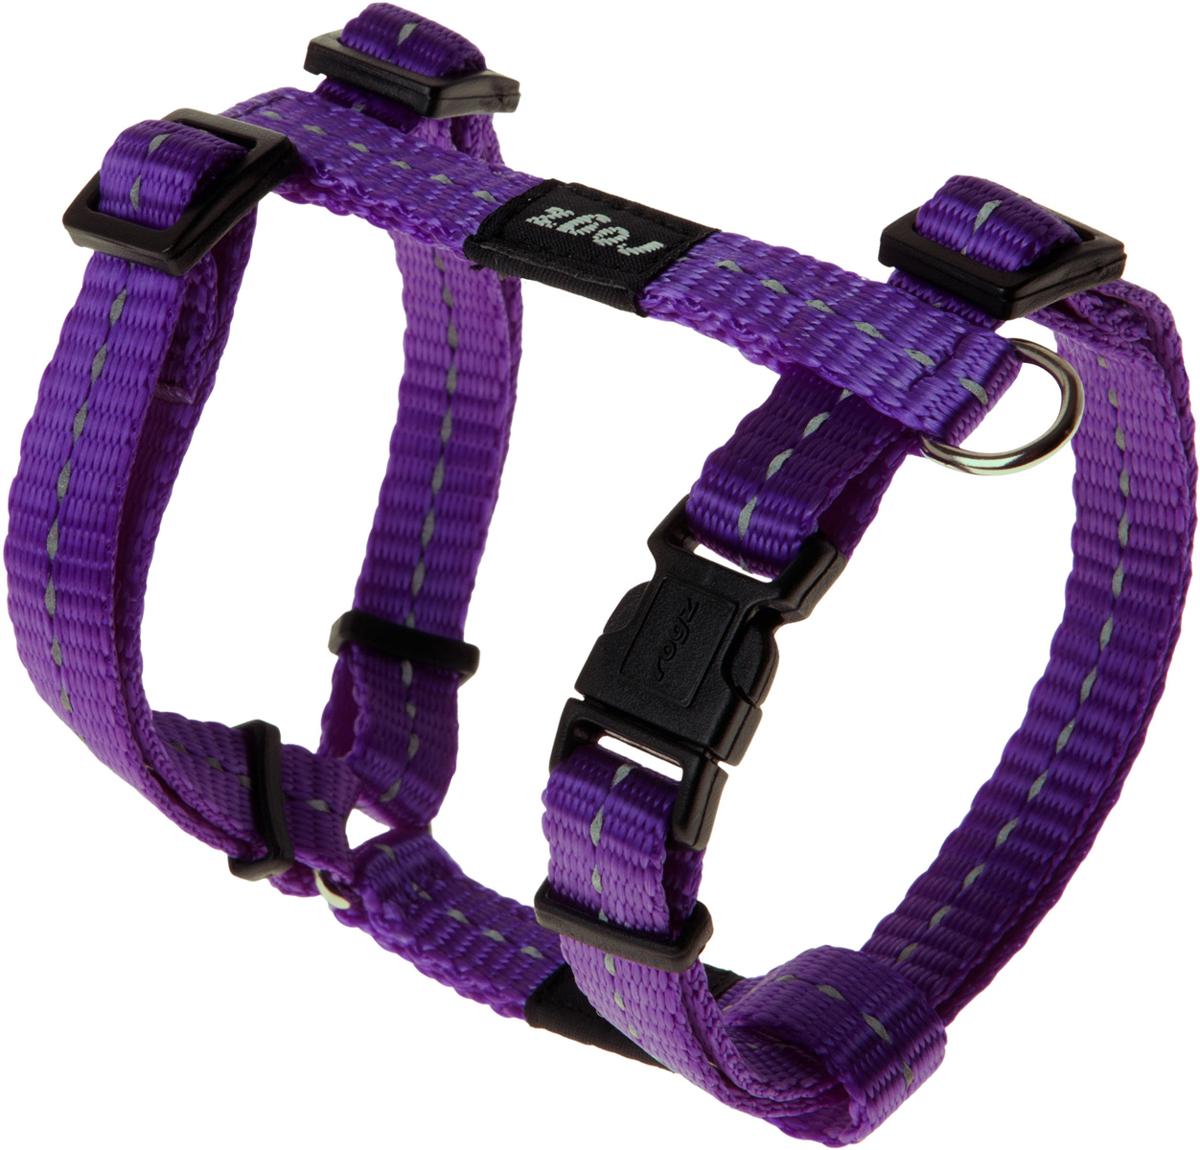 Шлейка для собак Rogz Utility, цвет: фиолетовый, ширина 1,1 см. Размер SSJ14EШлейка для собак Rogz Utility со светоотражающей нитью, вплетенной в нейлоновую ленту, обеспечивает лучшую видимость собаки в темное время суток. Специальная конструкция пряжки Rog Loc - очень крепкая (система Fort Knox). Замок может быть расстегнут только рукой человека. Технология распределения нагрузки позволяет снизить нагрузку на пряжки, изготовленные из титанового пластика, с помощью правильного и разумного расположения грузовых колец, благодаря чему, даже при самых сильных рывках, изделие не рвется и не деформируется.Выполненные специально по заказу ROGZ литые кольца гальванически хромированы, что позволяет избежать коррозии и потускнения изделия.